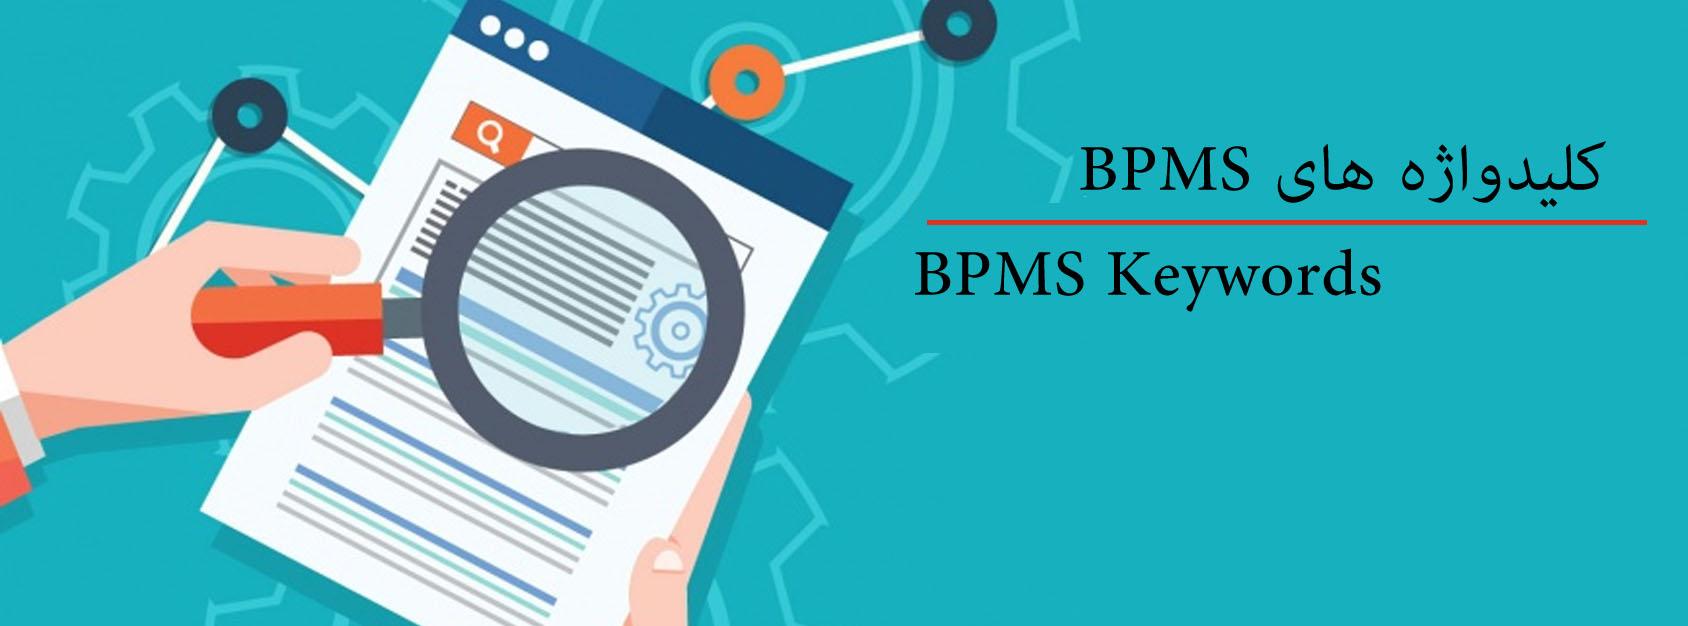 کلید واژه های نرم افزار BPMS – بخش سوم